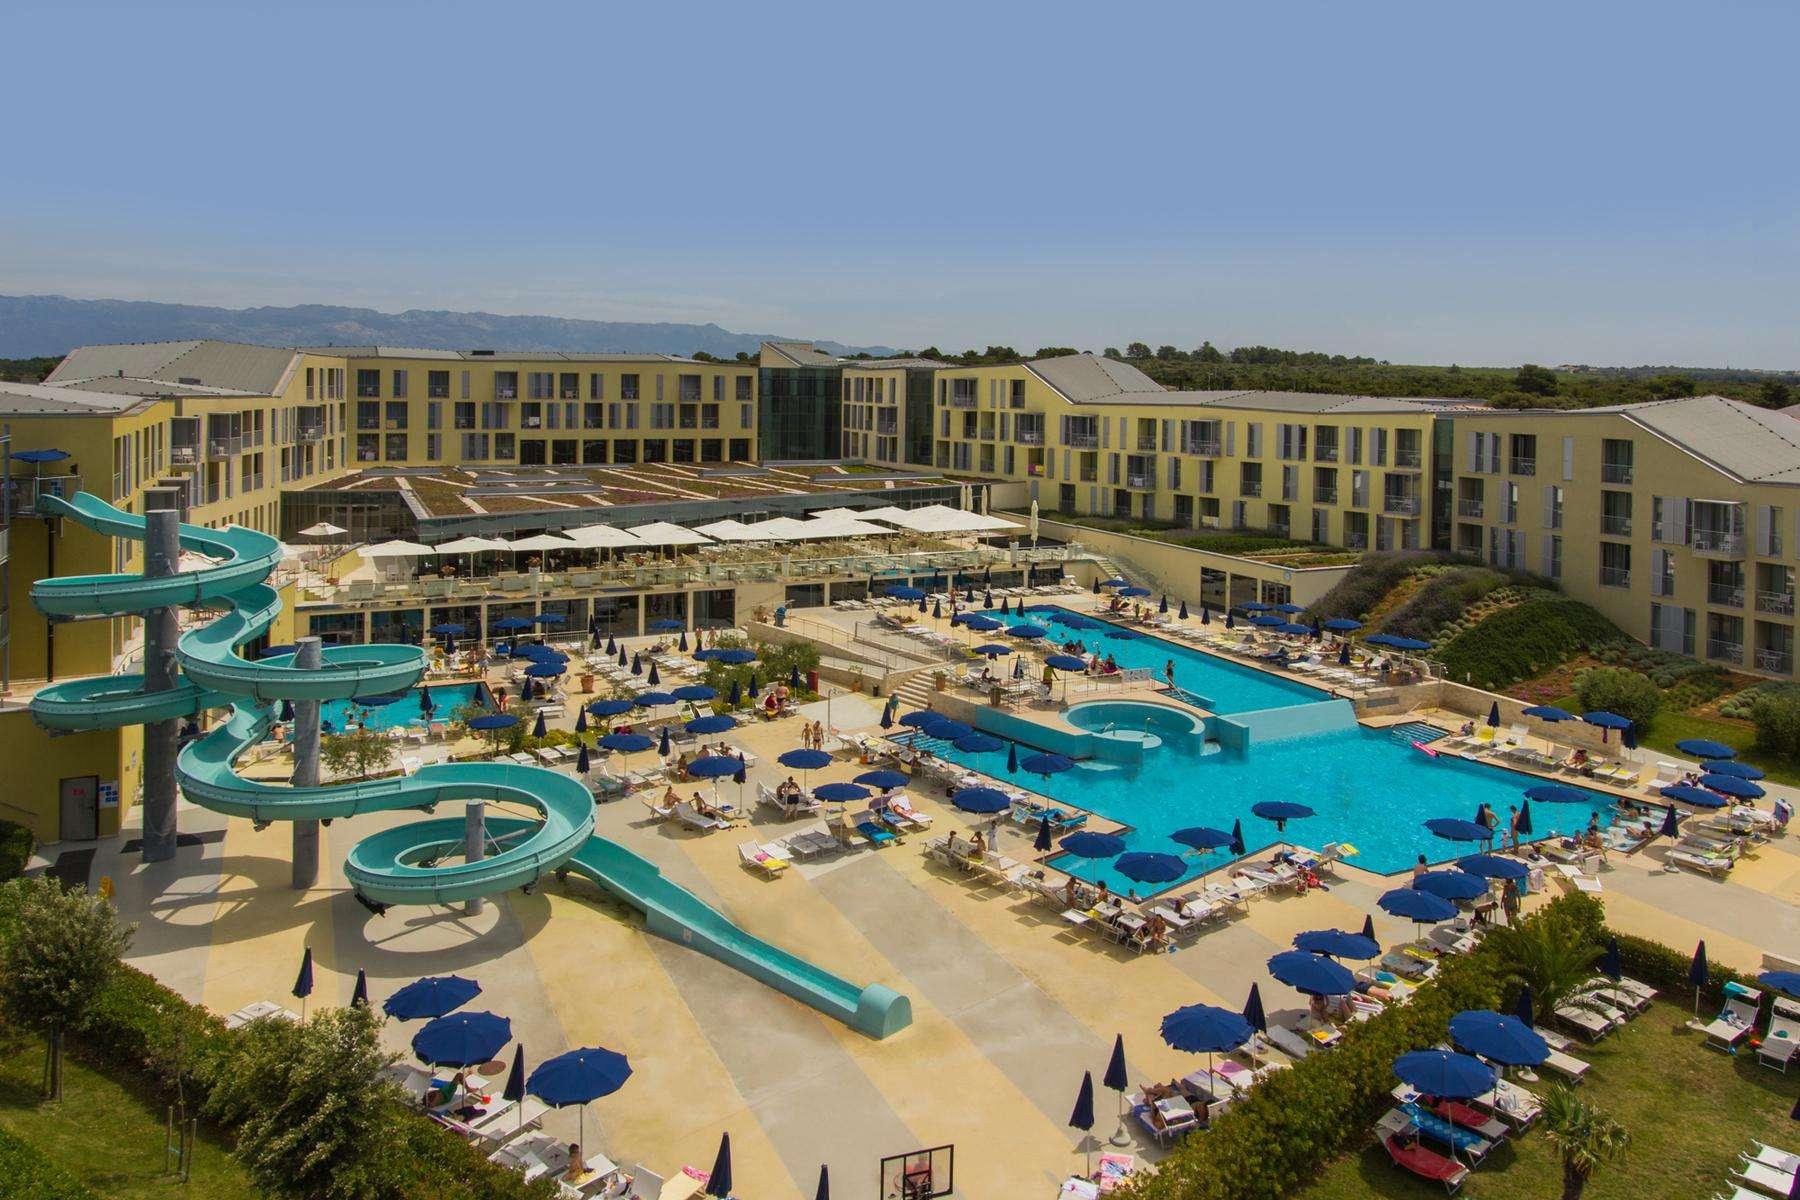 nowy przyjazd niskie ceny informacje dla Hotel Diadora Chorwacja Dalmacja Północna » opis oferty » Fly.pl